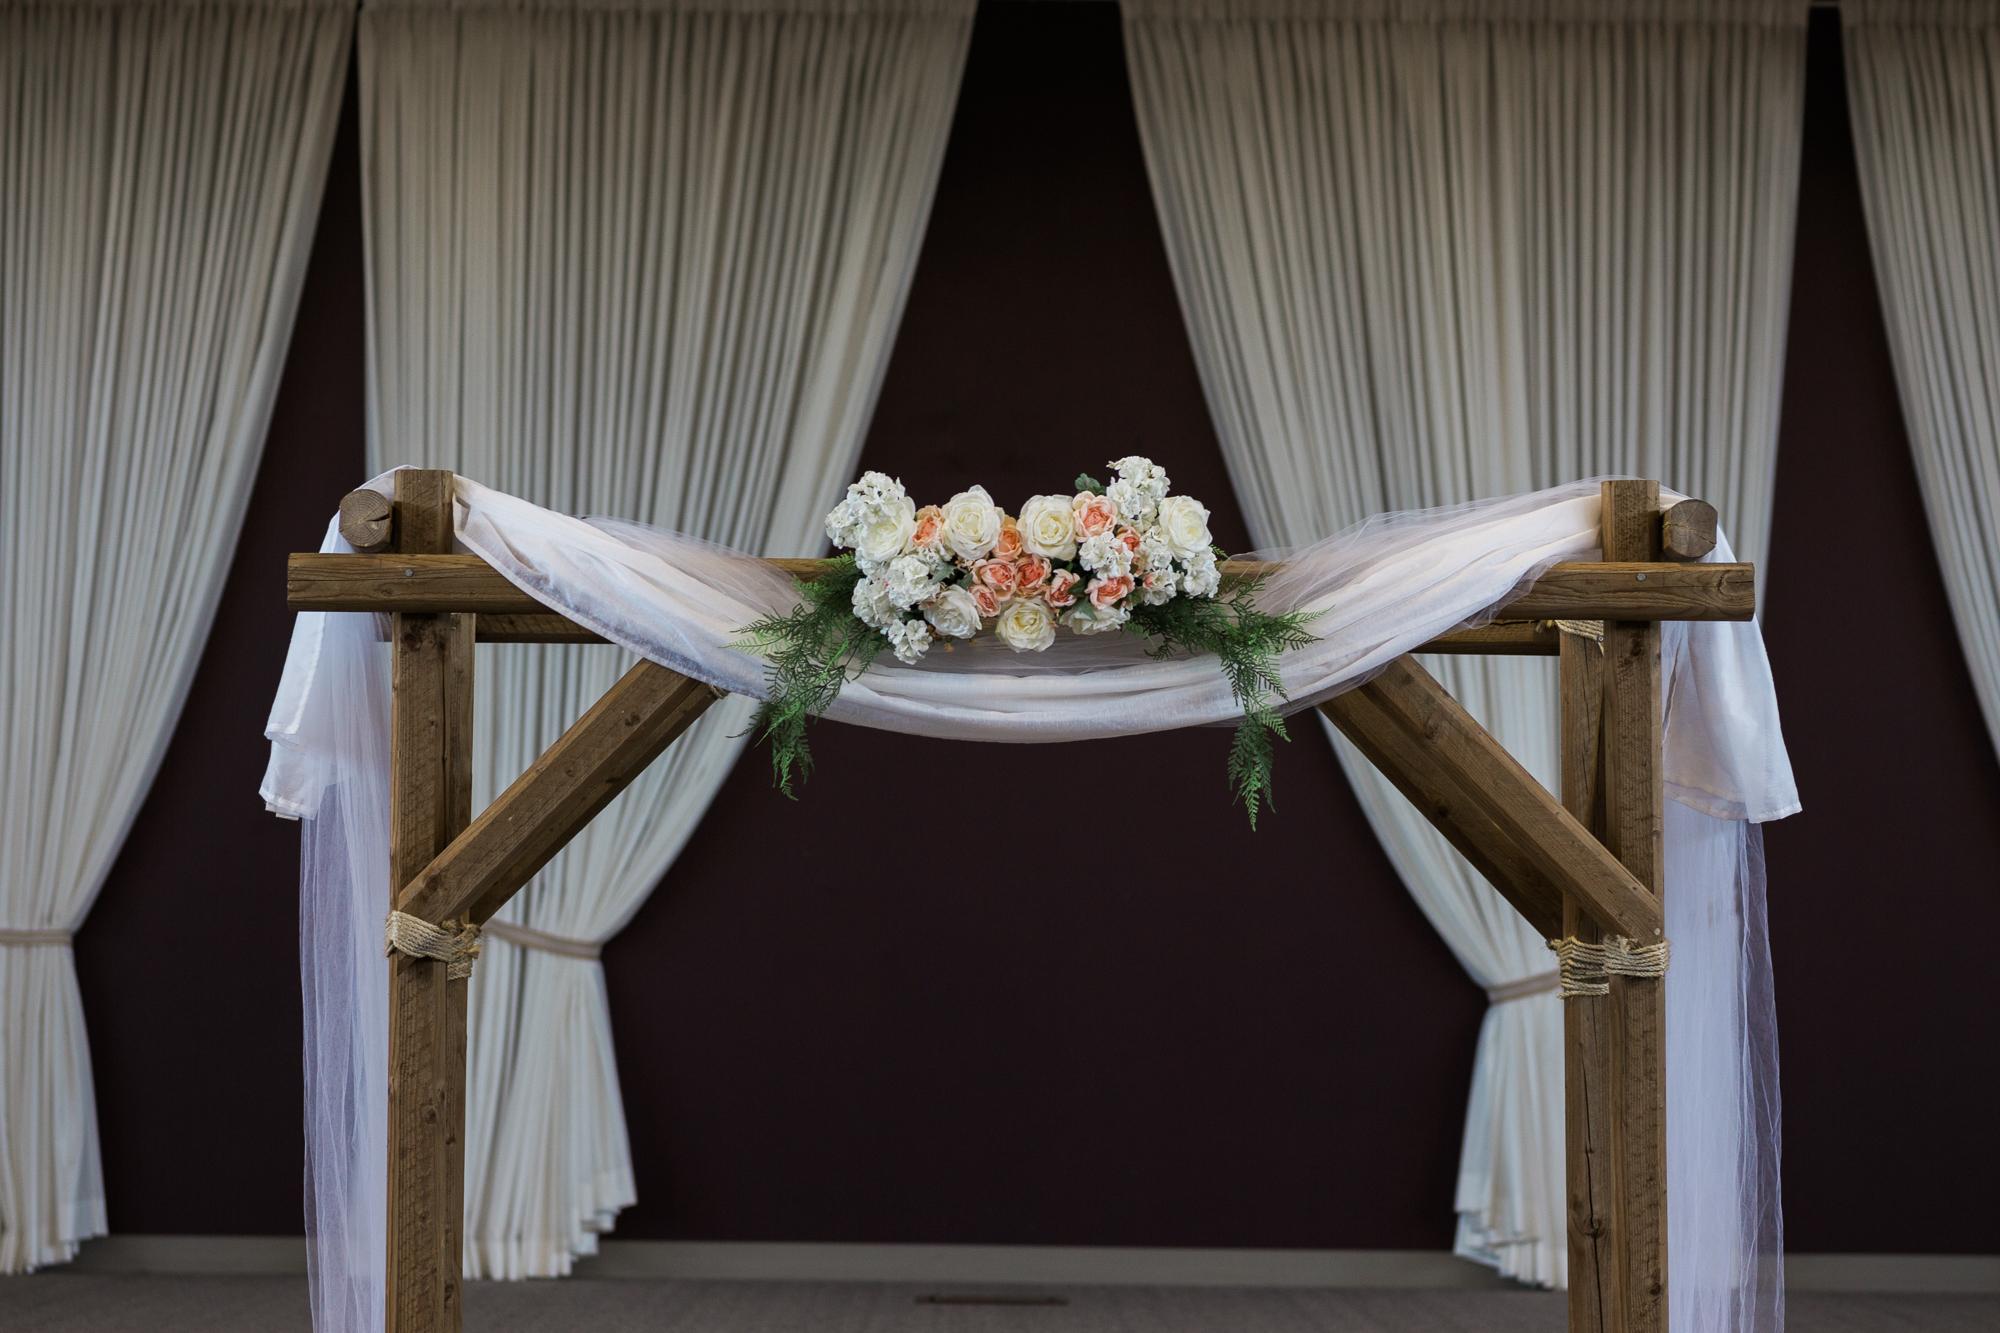 Deanna-Rachel-Photography-calgary-Wedding-photographer-jm-14.jpg